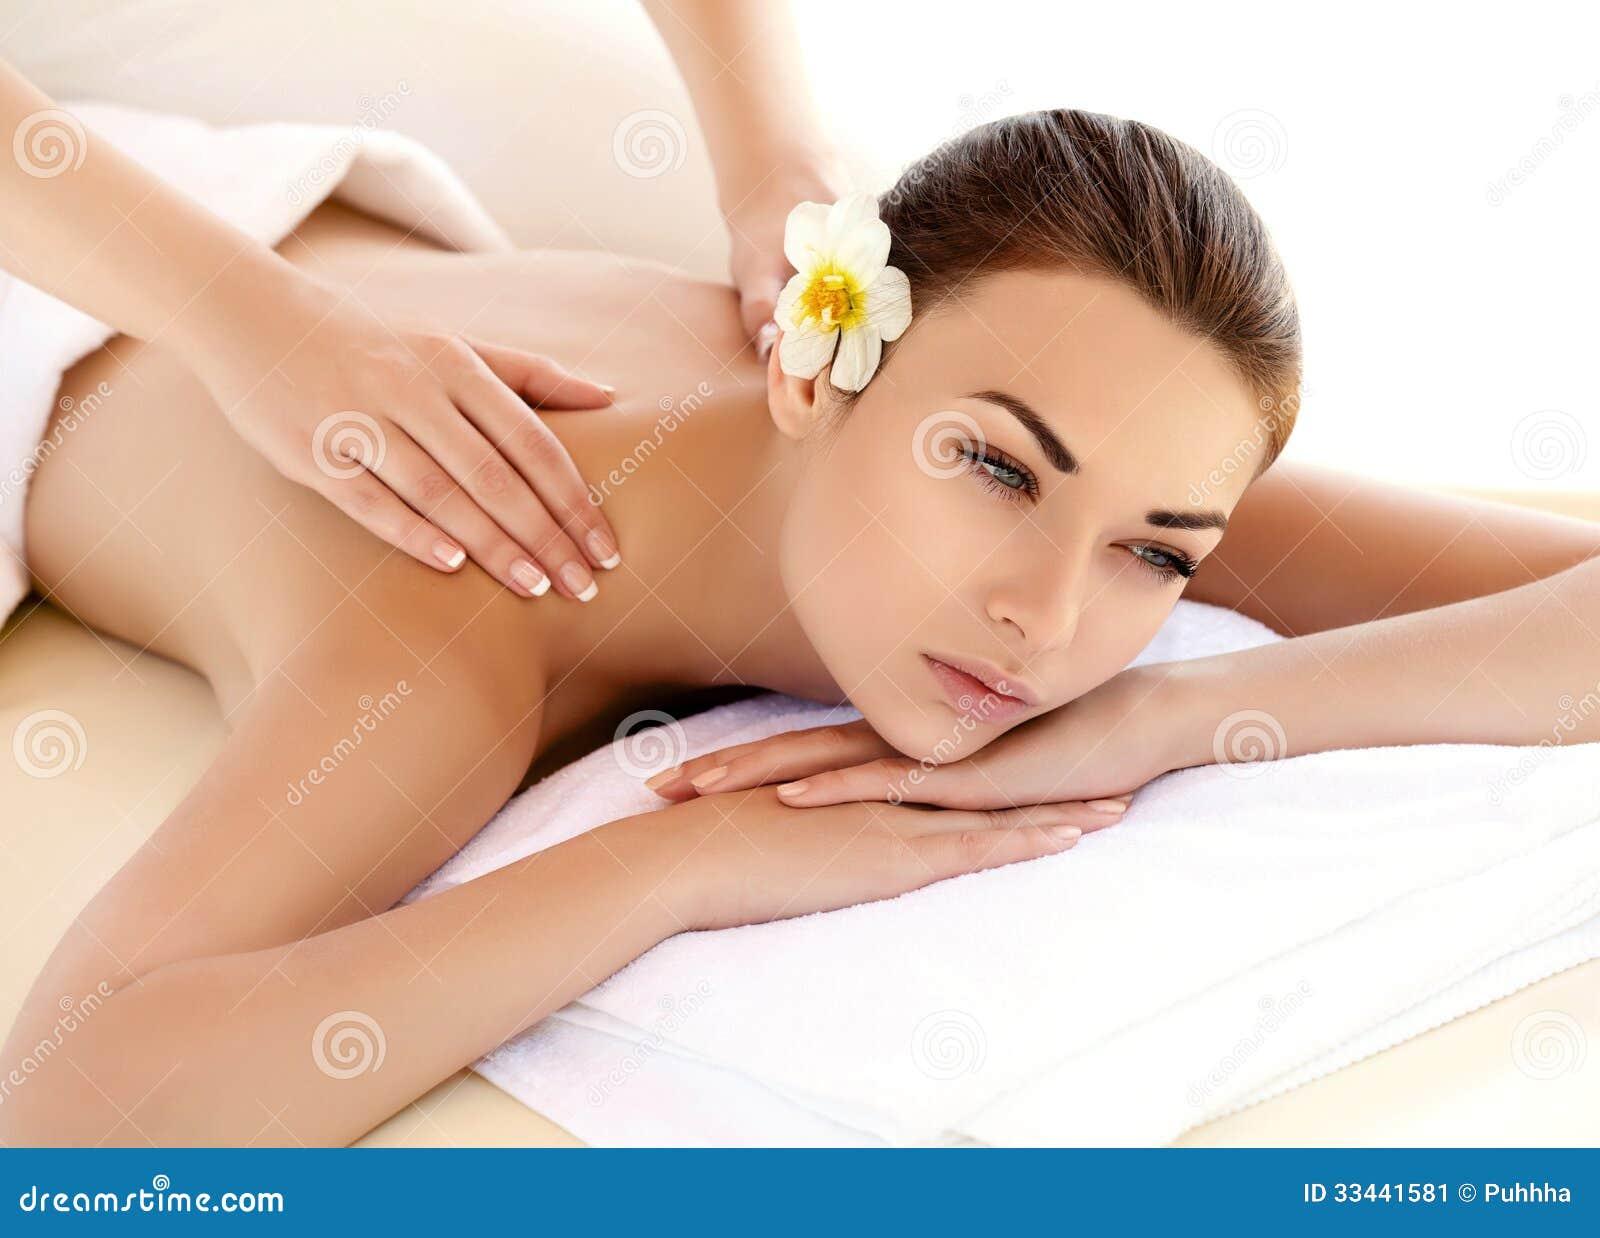 Тайский массаж по взрослому 4 фотография